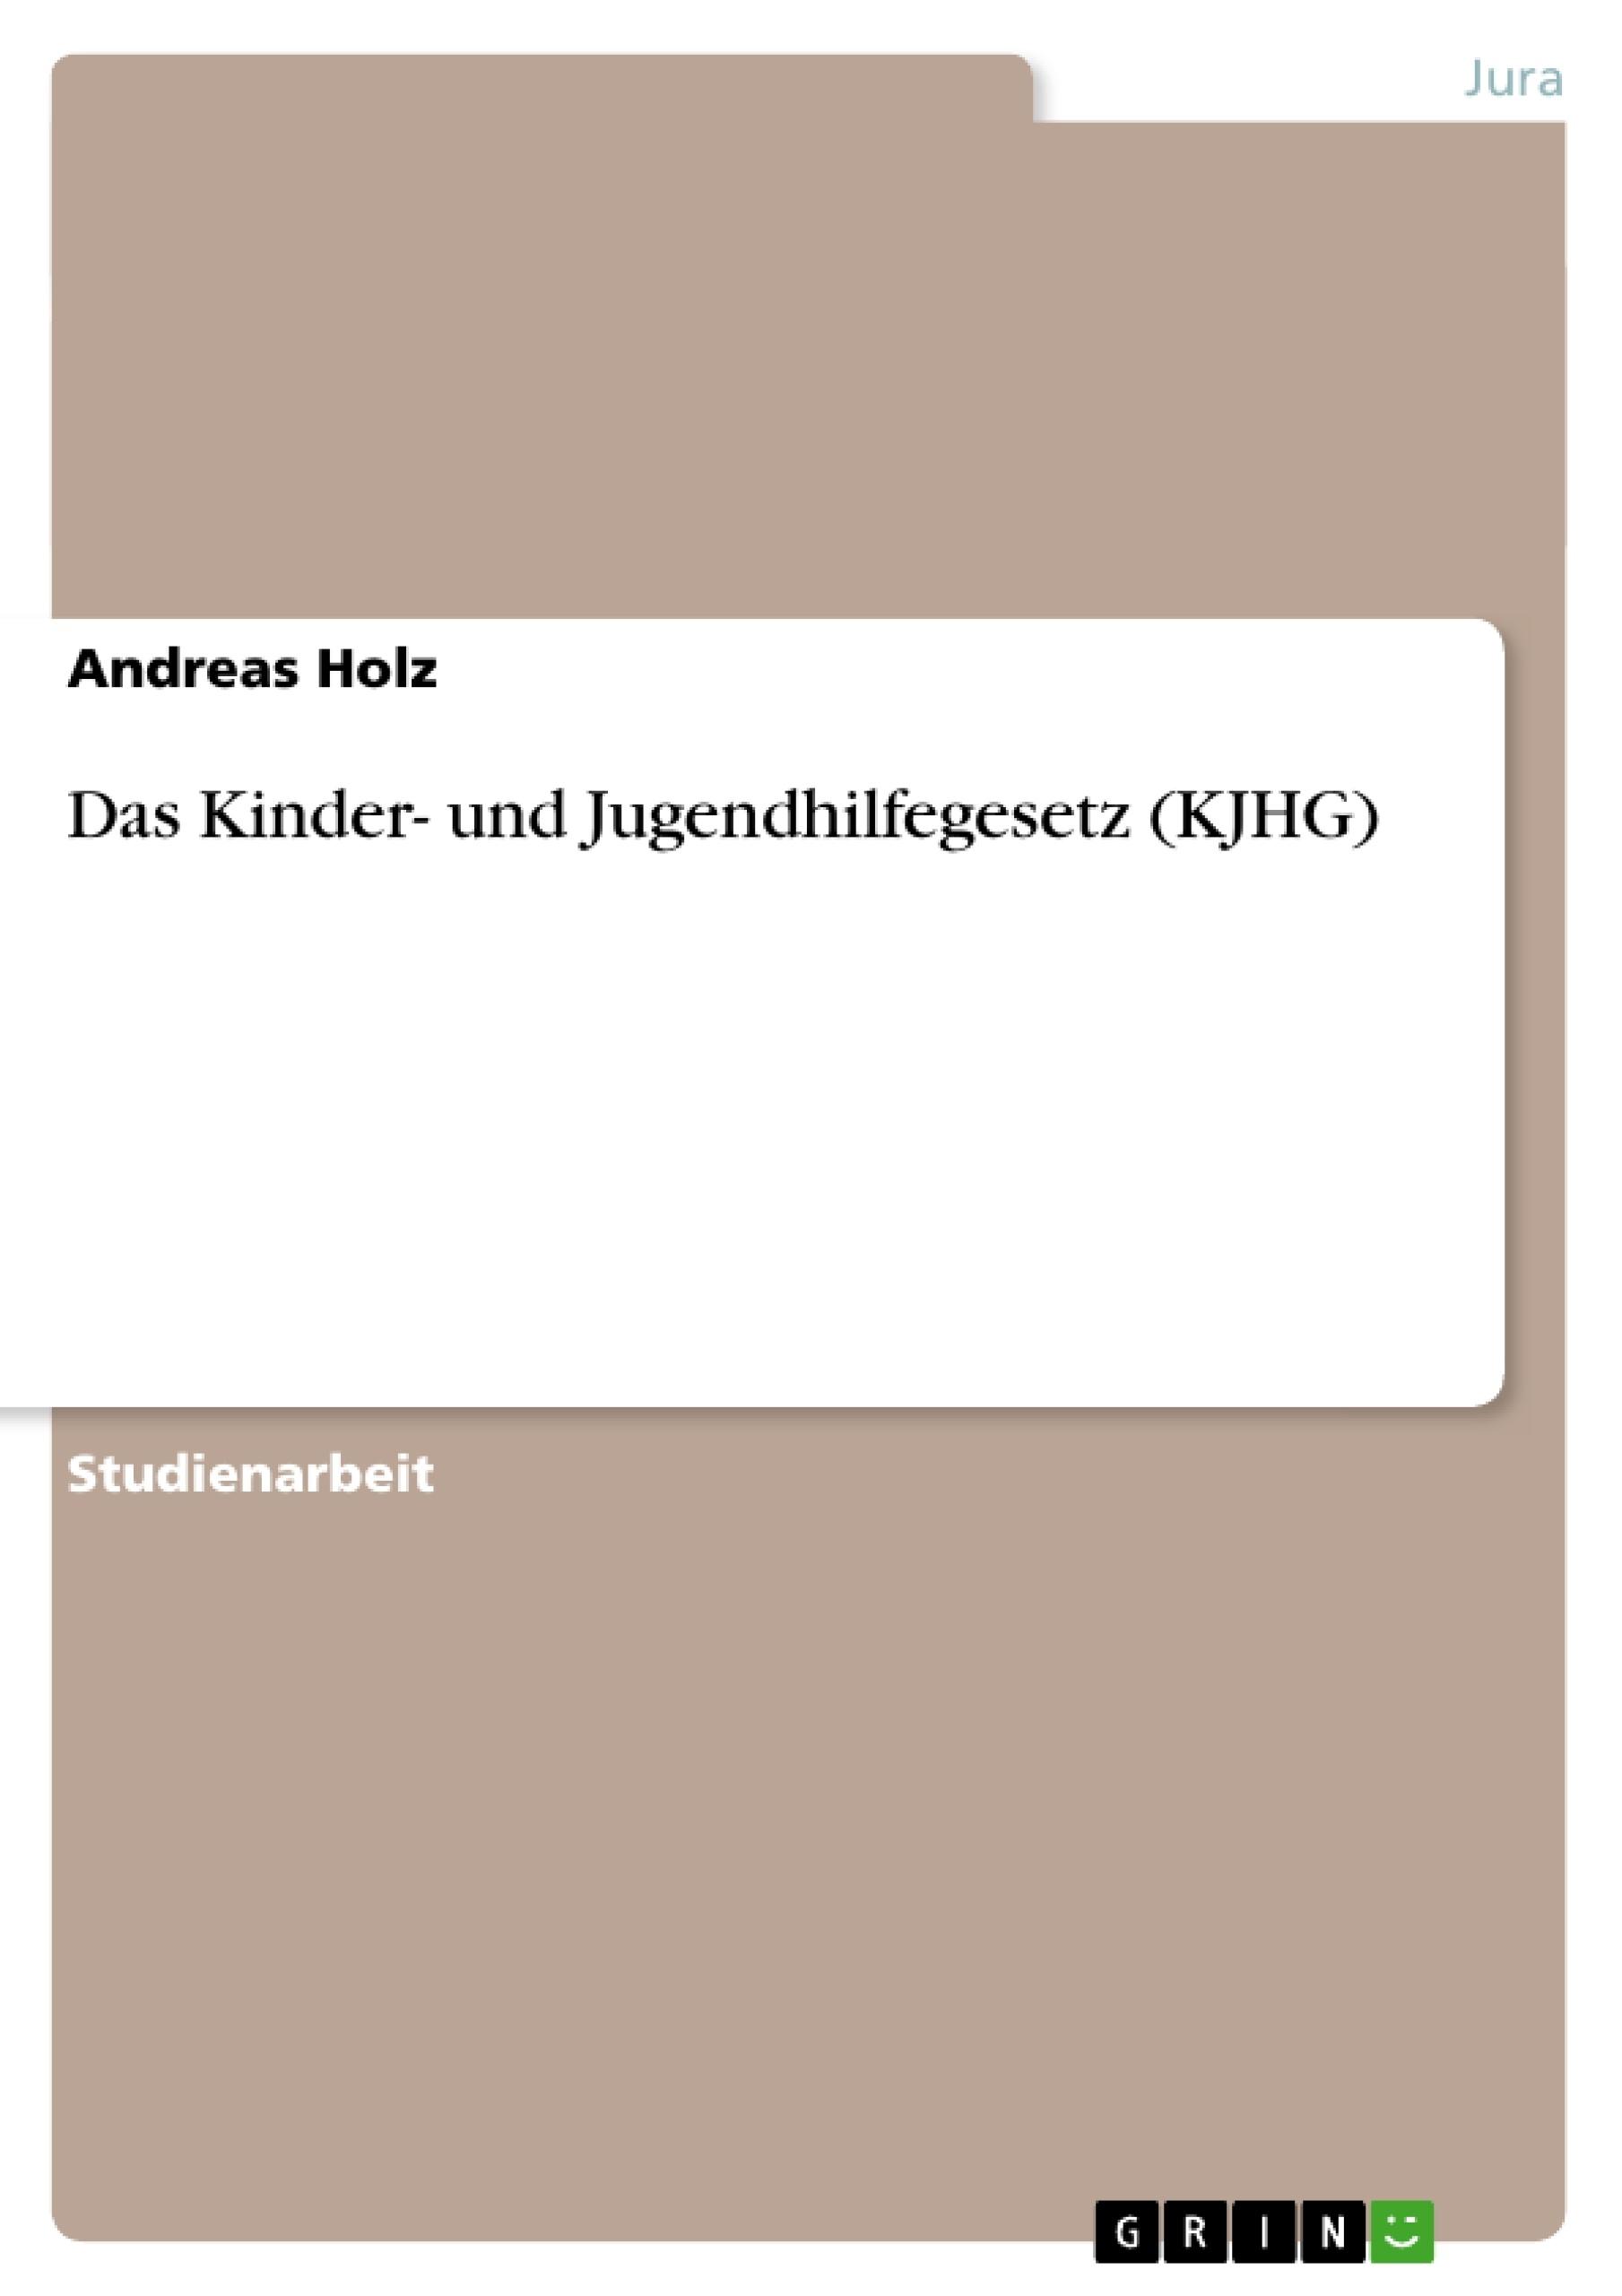 Titel: Das Kinder- und Jugendhilfegesetz (KJHG)